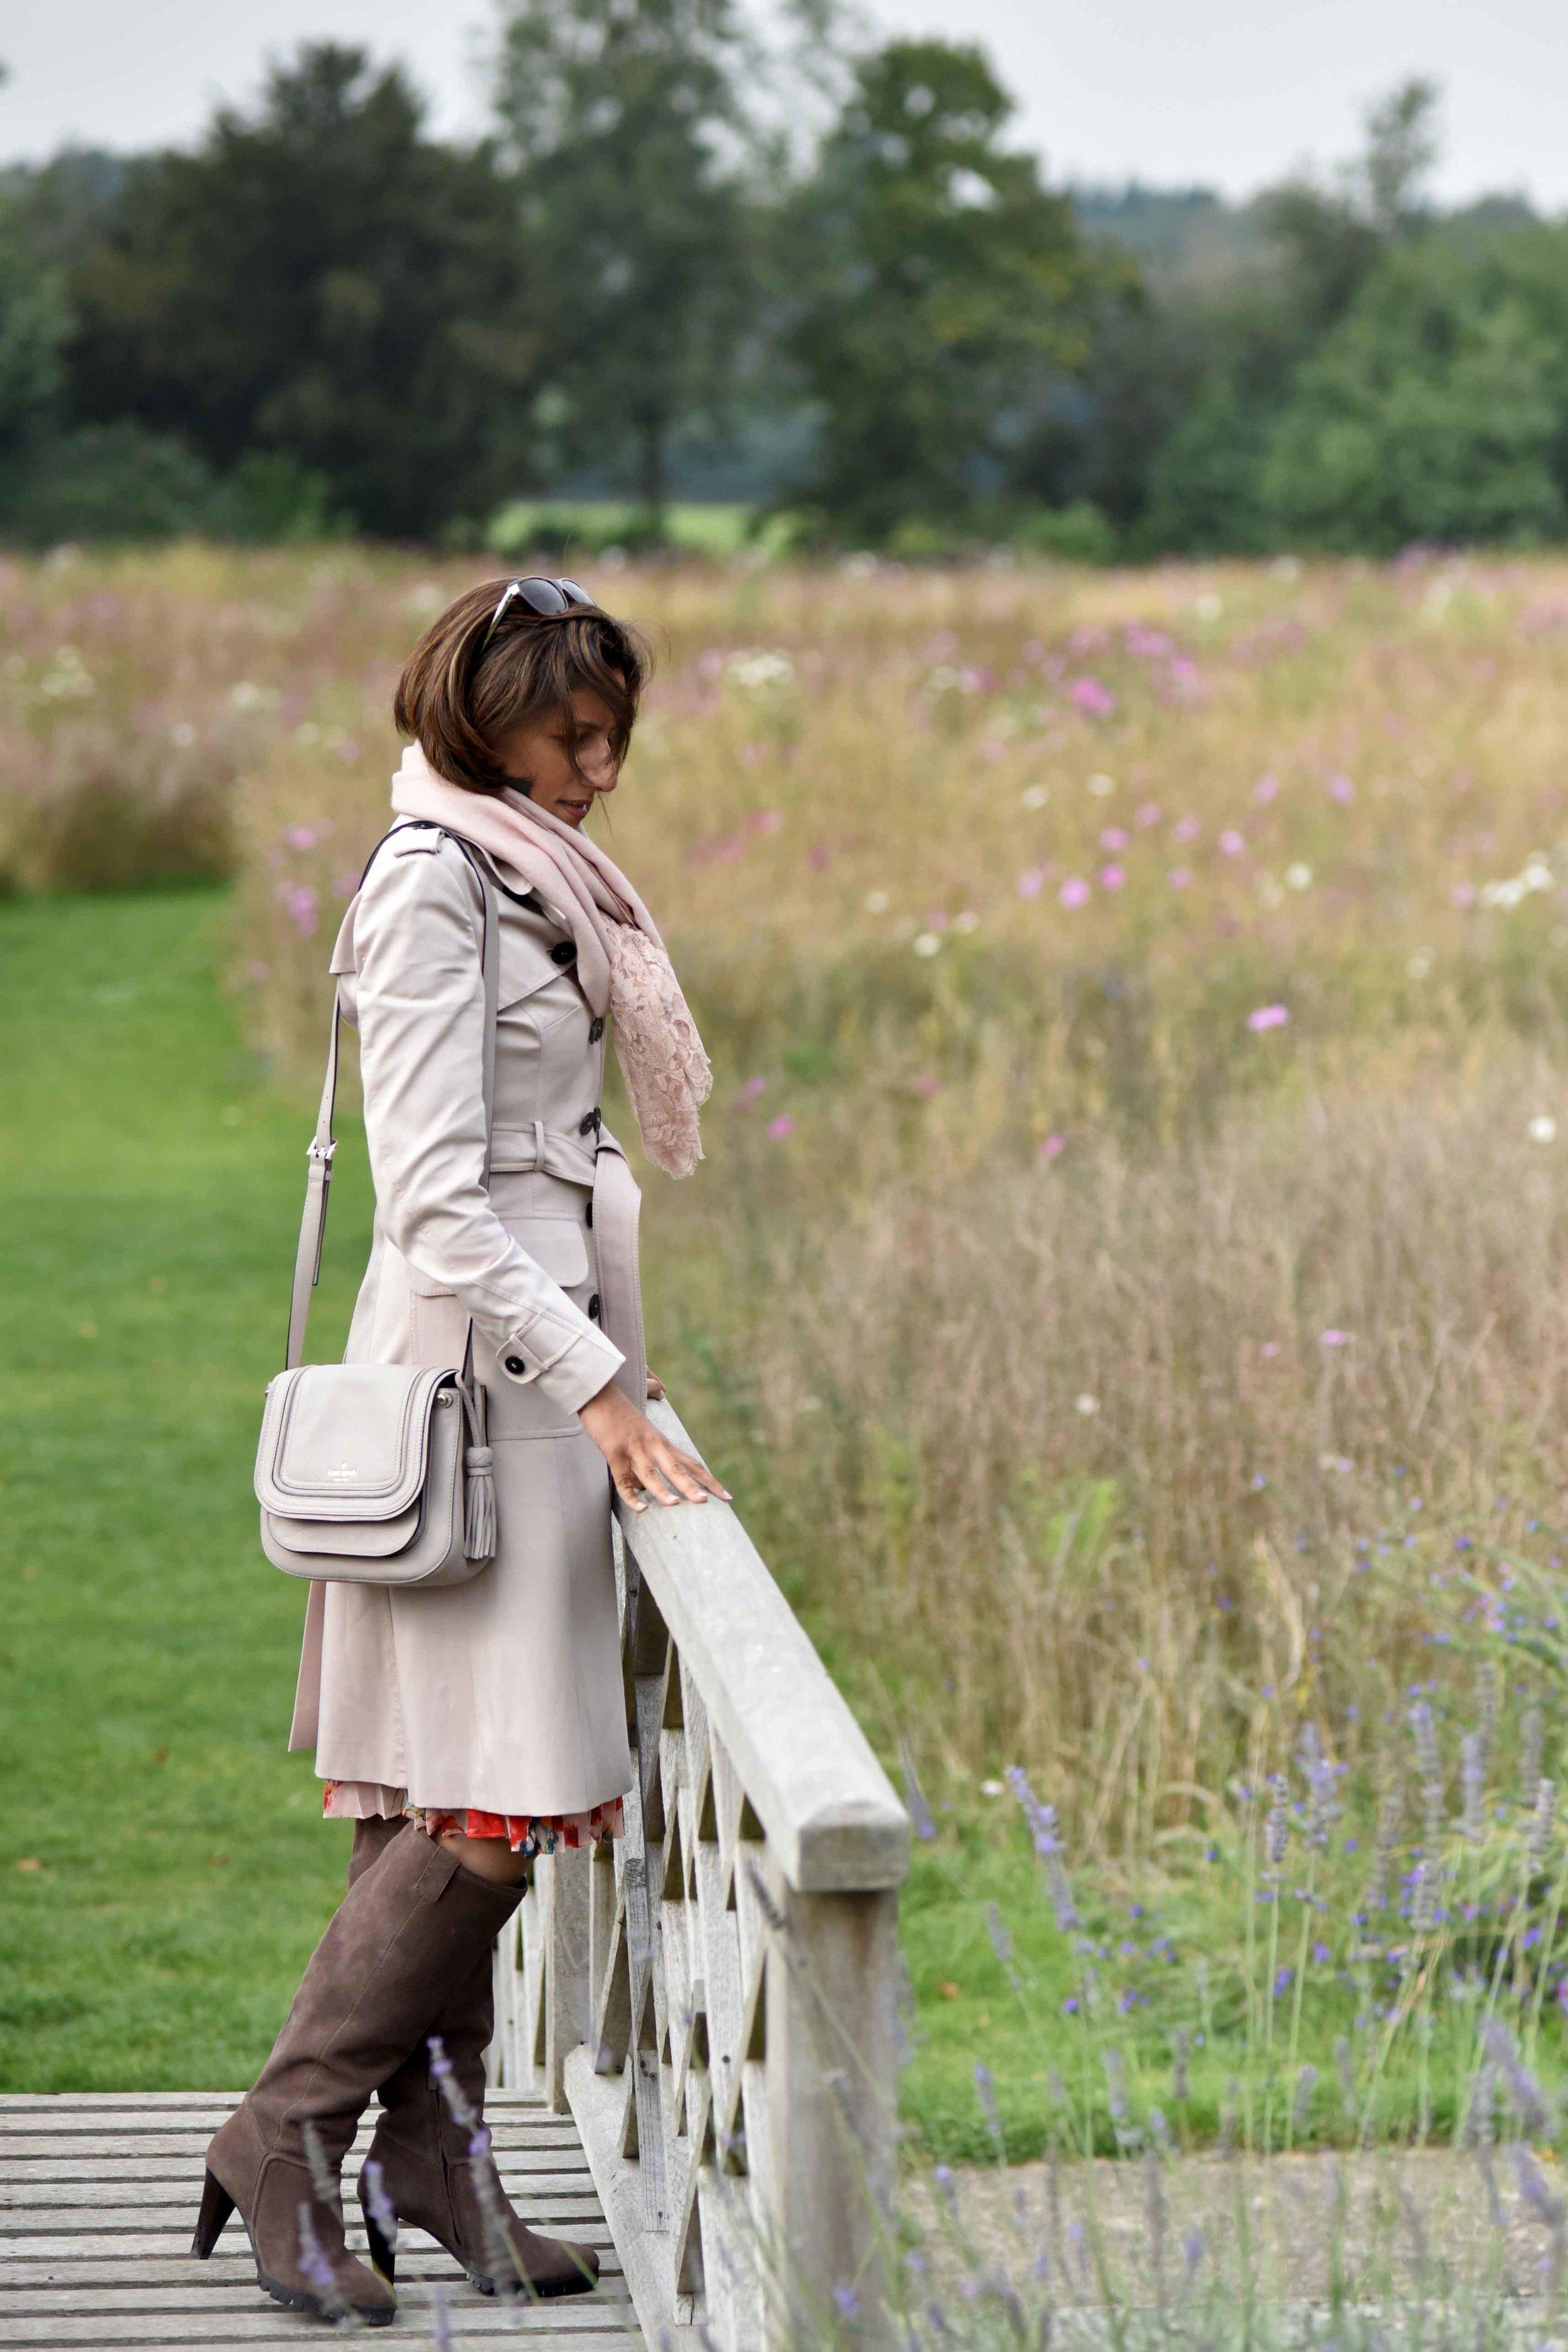 Karen Millen trench coat, Karen Millen boots, Kate Spade bag, Coworth Park Hotel, Ascot, U.K. Image©sourcingstyle.com